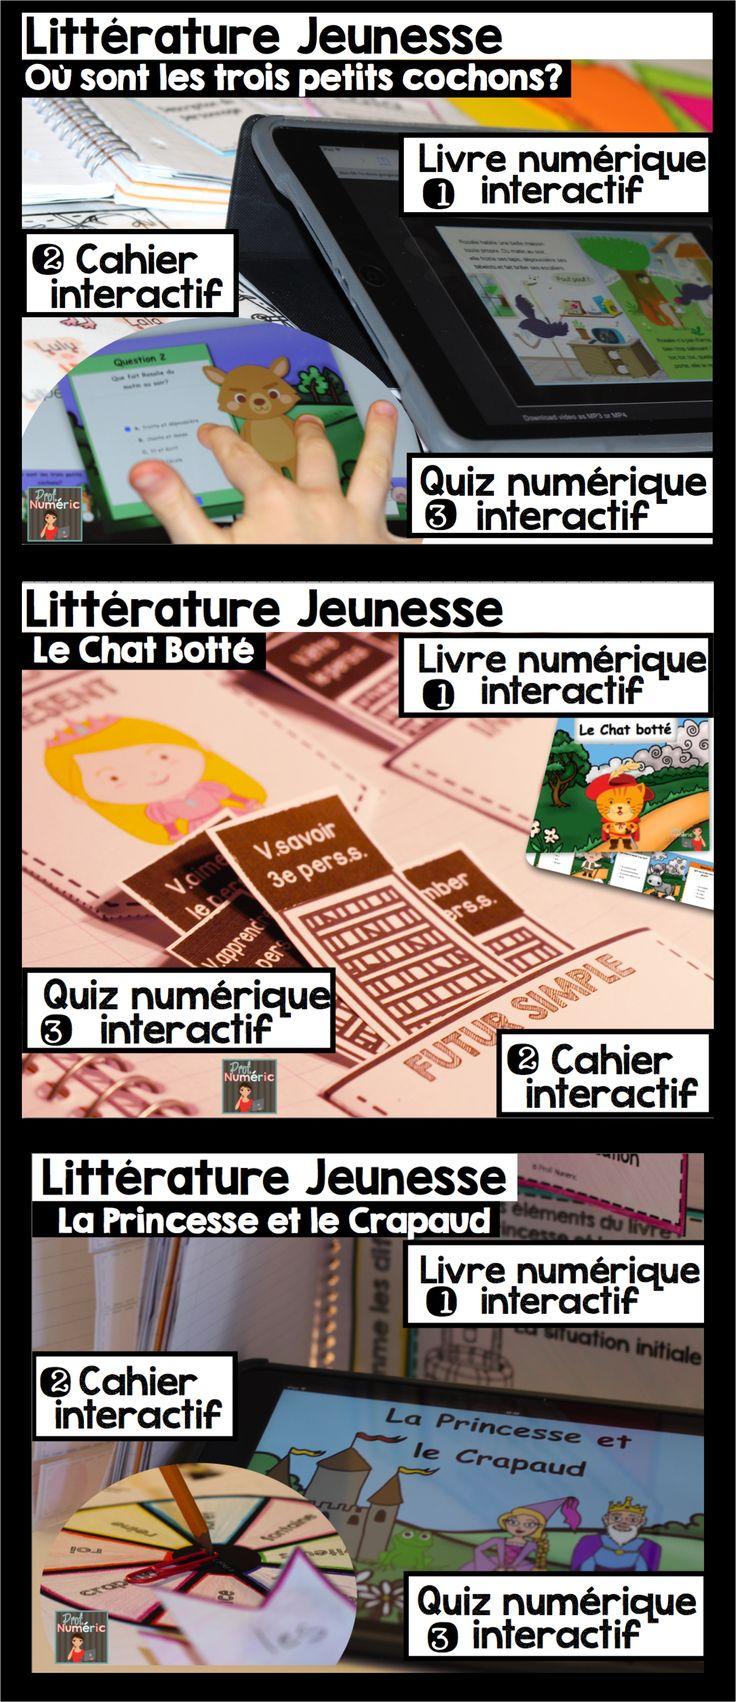 GROWING BUNDLE//Ensemble de Cahiers interactifs en lien avec la #littérature #jeunesse. iBook inclus pour #iPad avec un #quizz #interactif de 20 questions (compréhension de lecture) + Histoire numérique #audio #FSL #frenchteacher #TPT